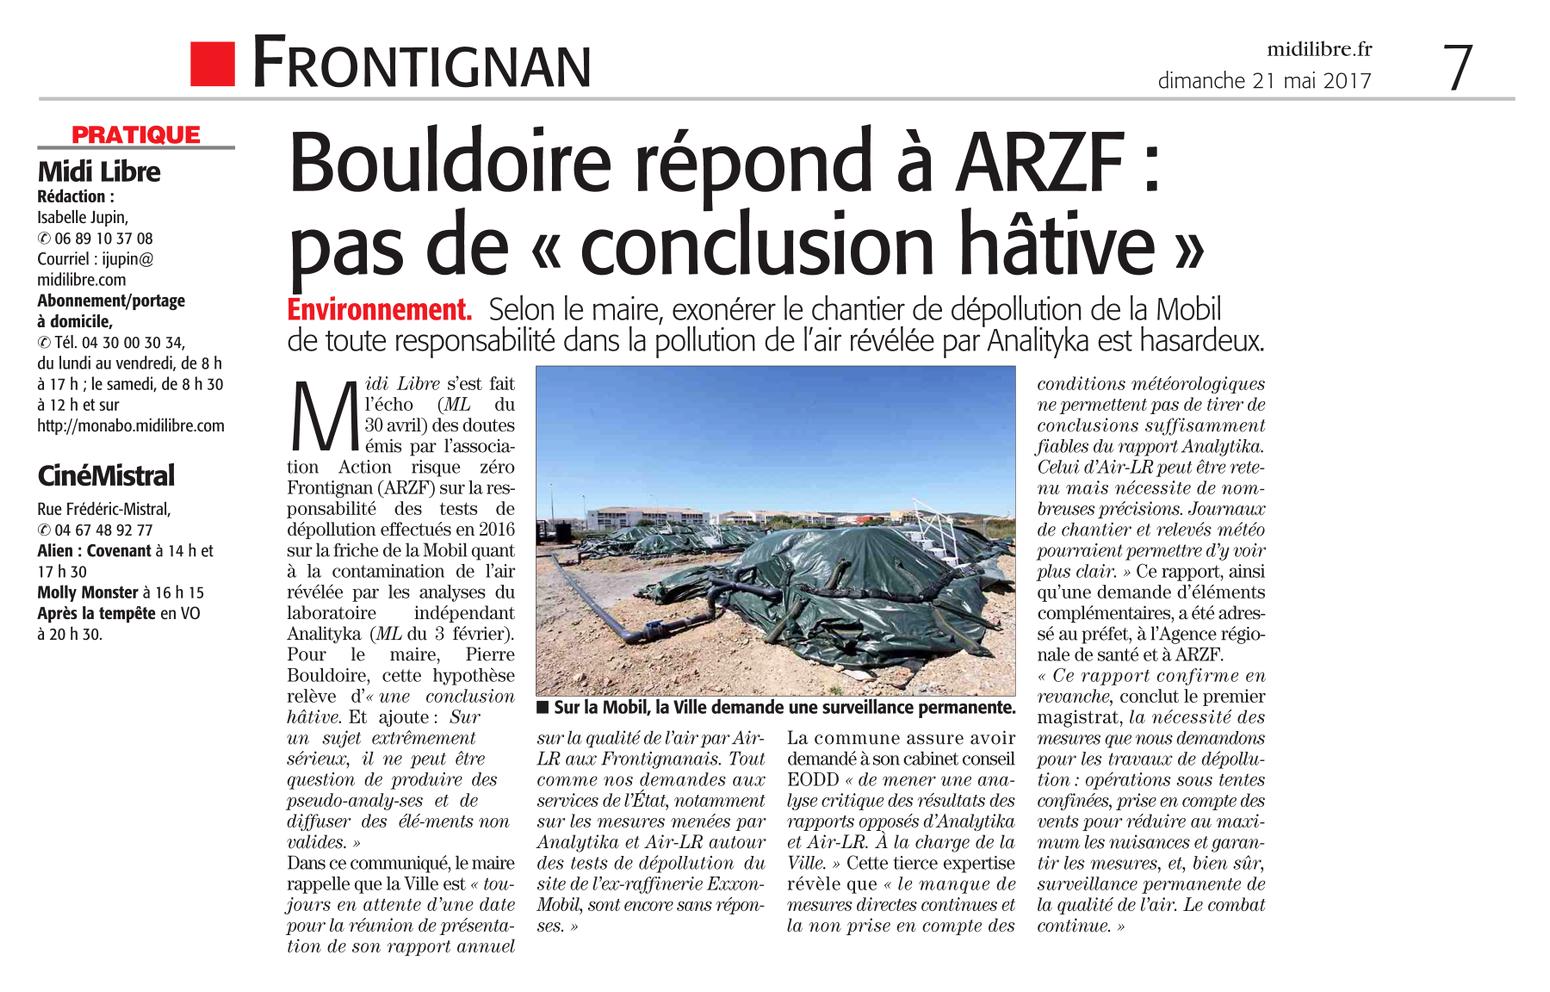 """21.05.2017 > MIDI-LIBRE : """"Frontignan : Pollution de l'air : Bouldoire répond à ARZF : « Pas de conclusion hâtive »"""""""